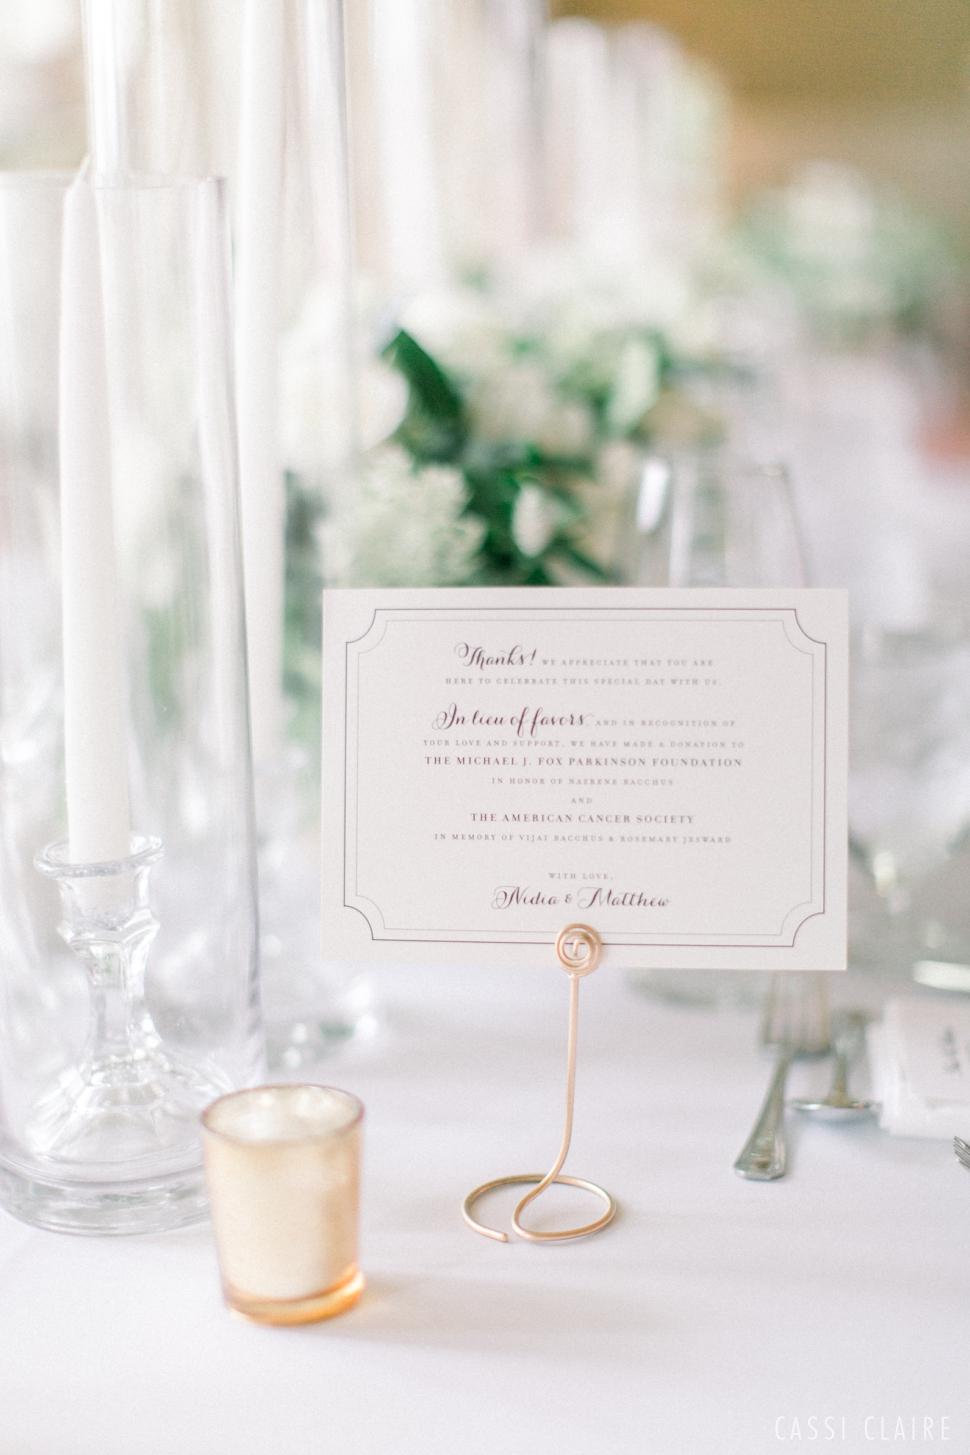 Ryland-Inn-Wedding-NJ_CassiClaire_41.jpg